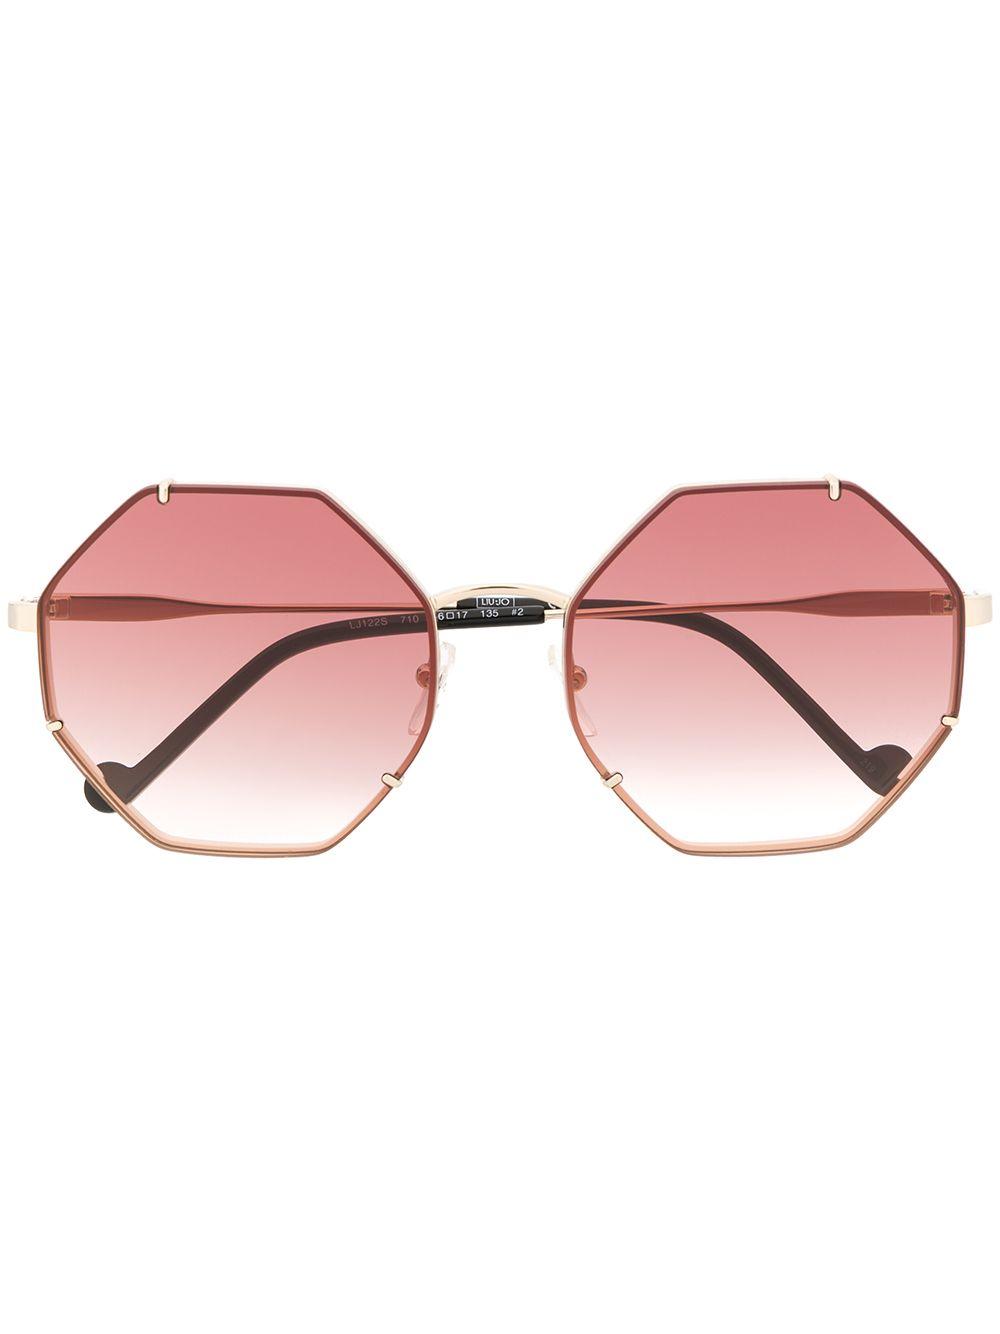 Liu•Jo | солнцезащитные очки в массивной оправе | Clouty